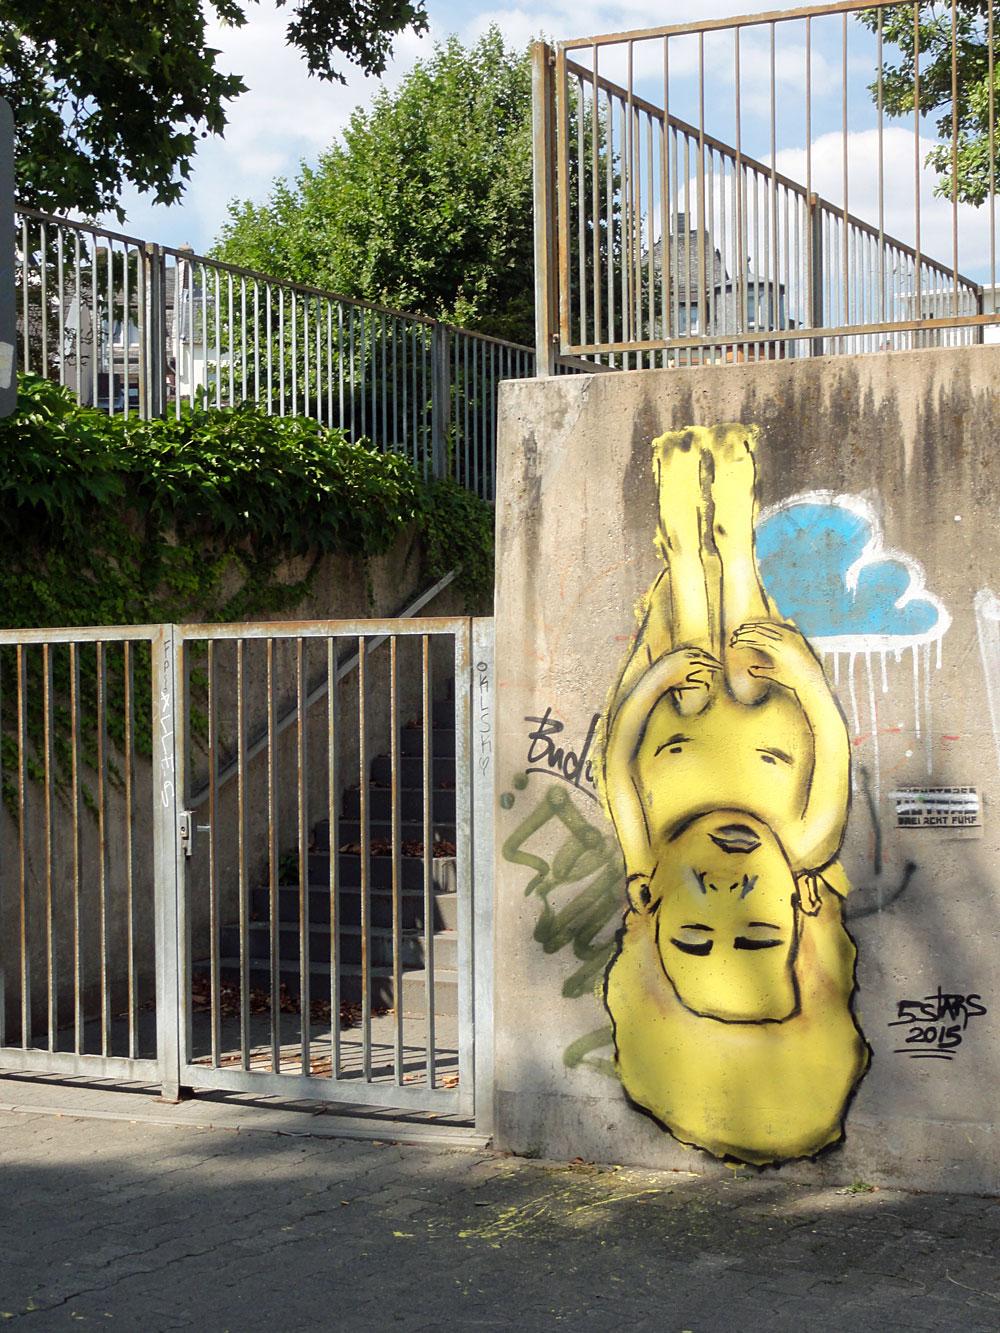 5stars-streetart-frankfurt-2